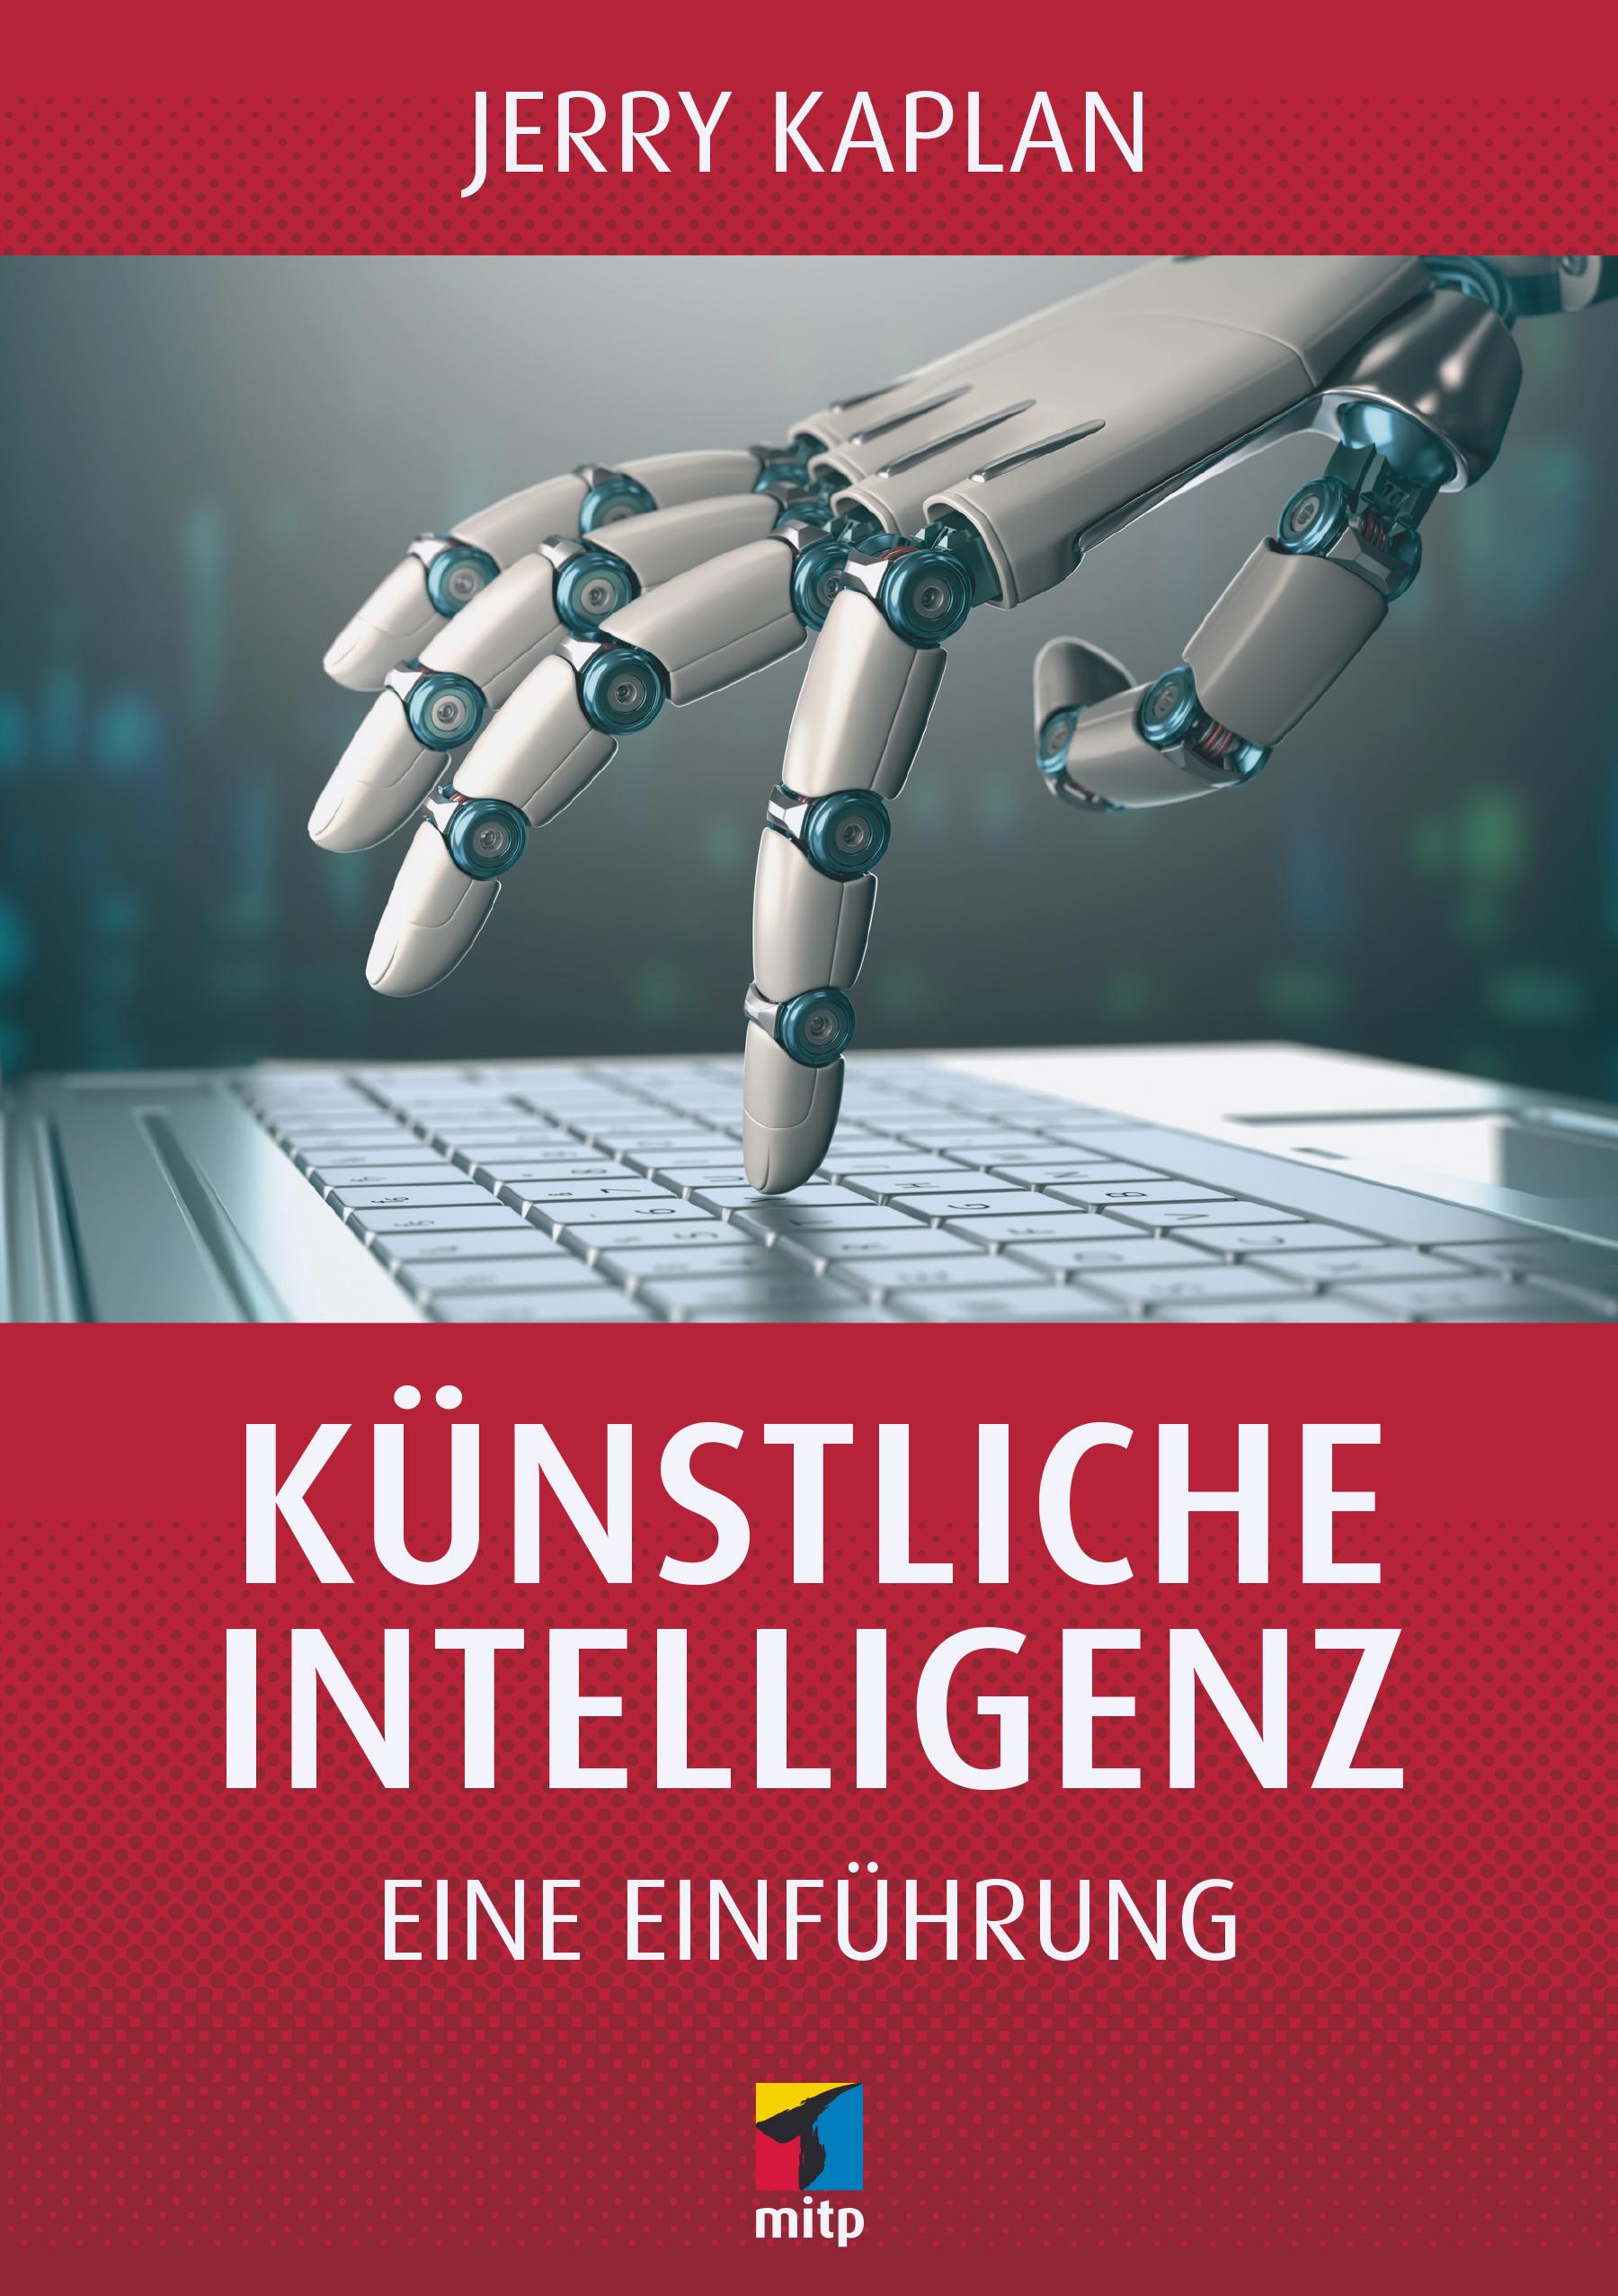 Künstliche Intelligenz – Eine Einführung